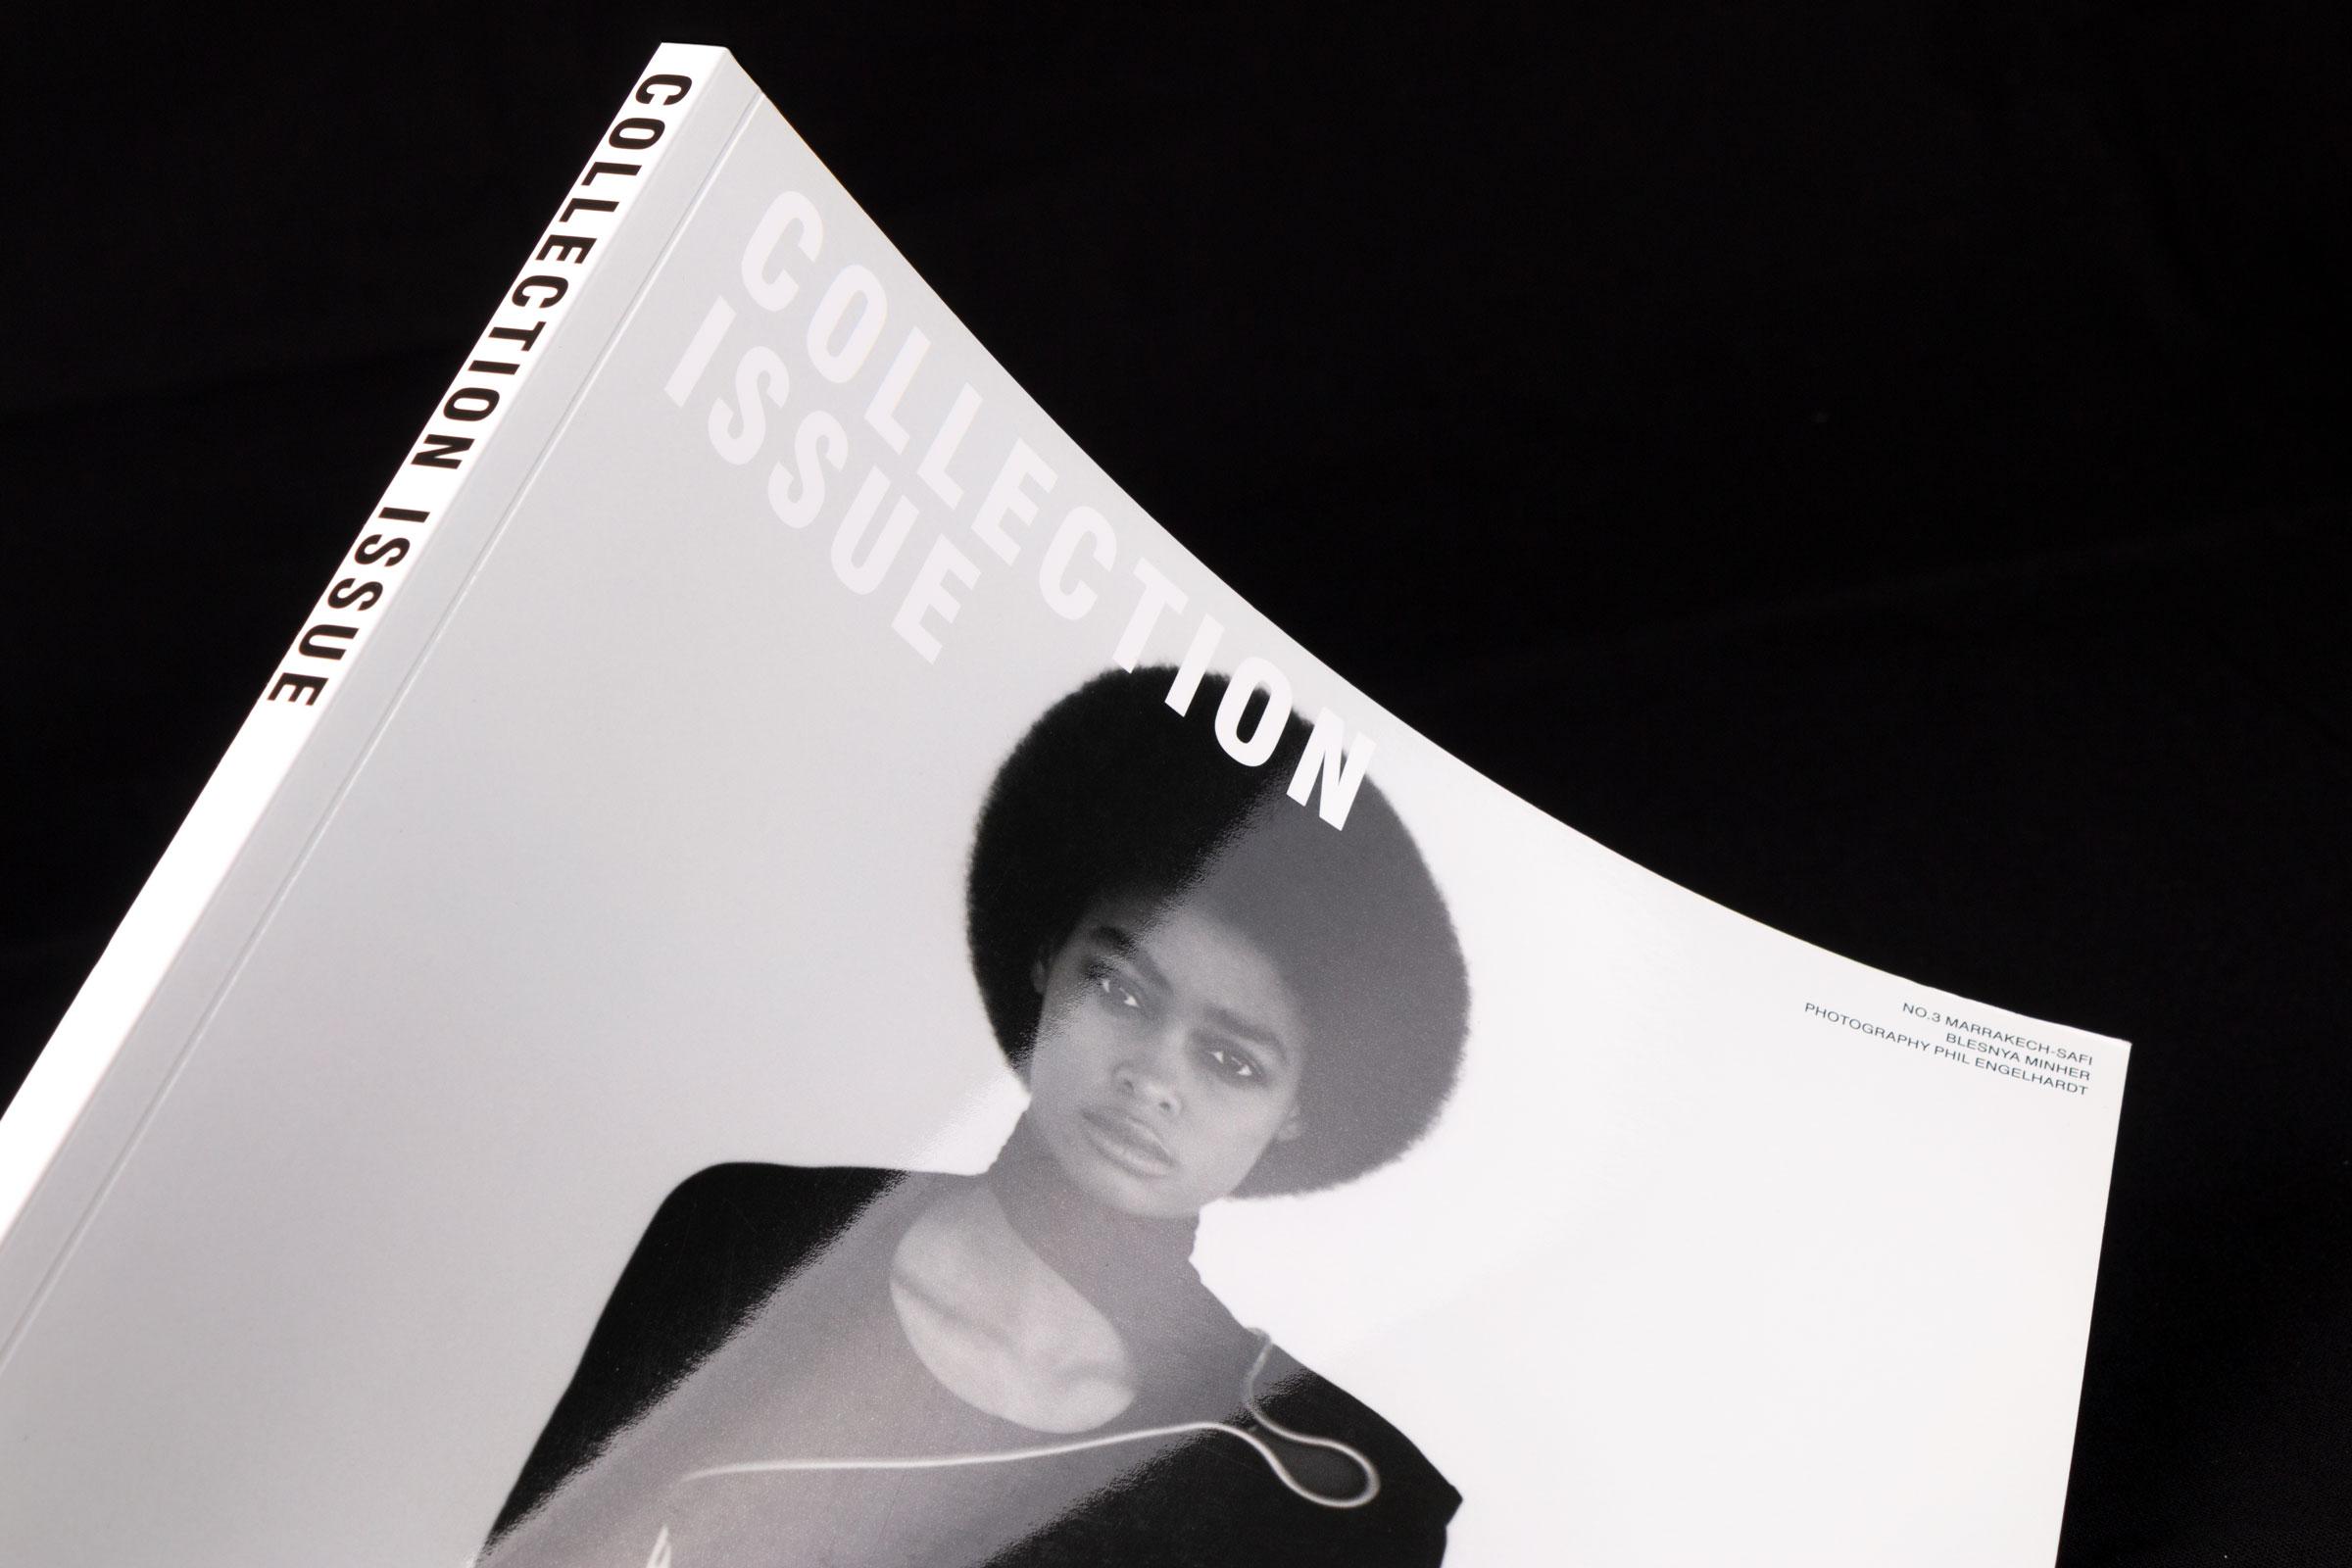 Revista Collection Issue amb acabat pel·liculat brillant